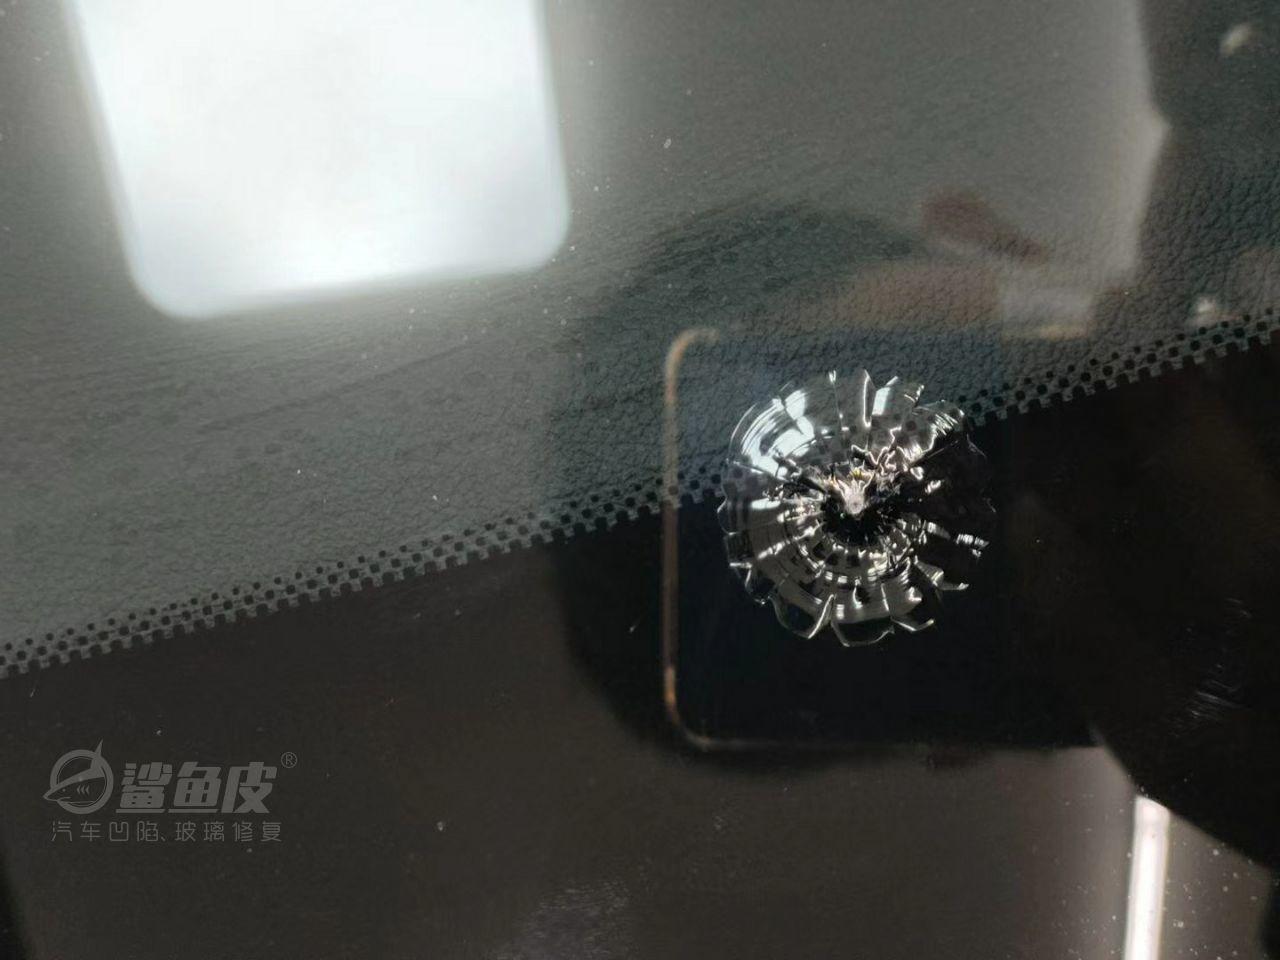 带HUD的挡风玻璃被石子砸裂怎么修复?是修好还是换好